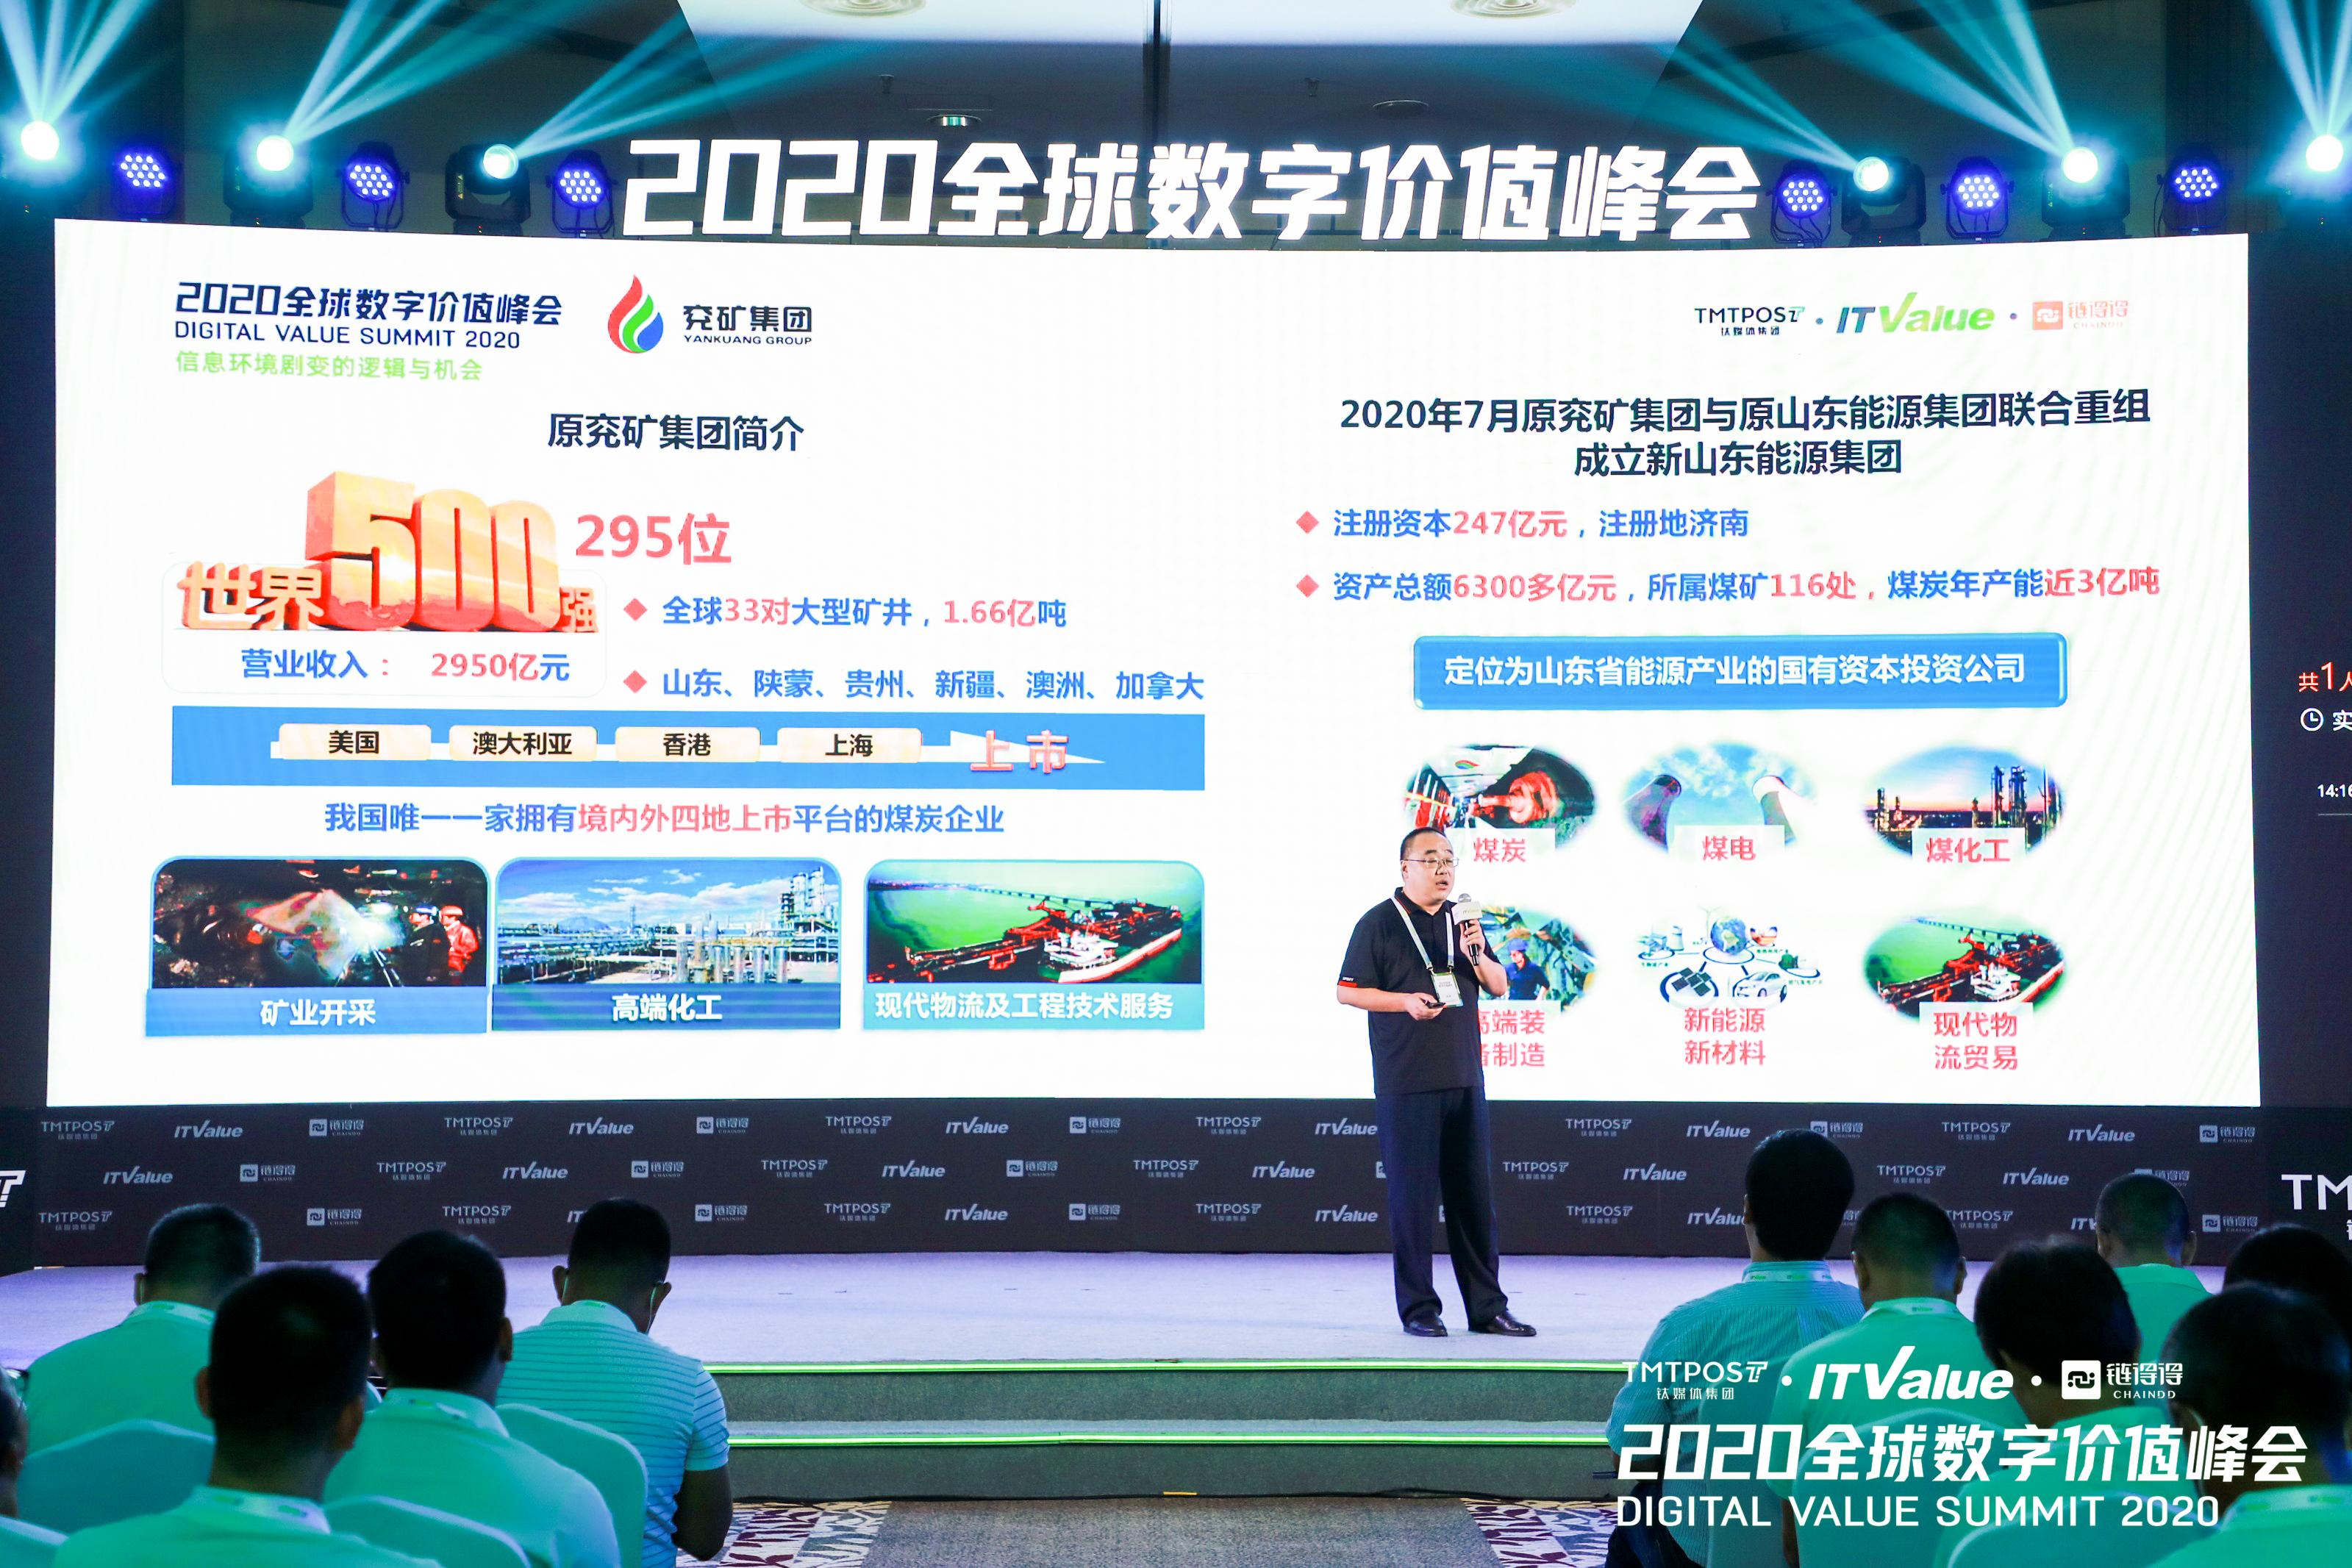 兖矿刘坤:强安全约束条件下,制造行业如何做数字化转型?   2020全球数字价值峰会